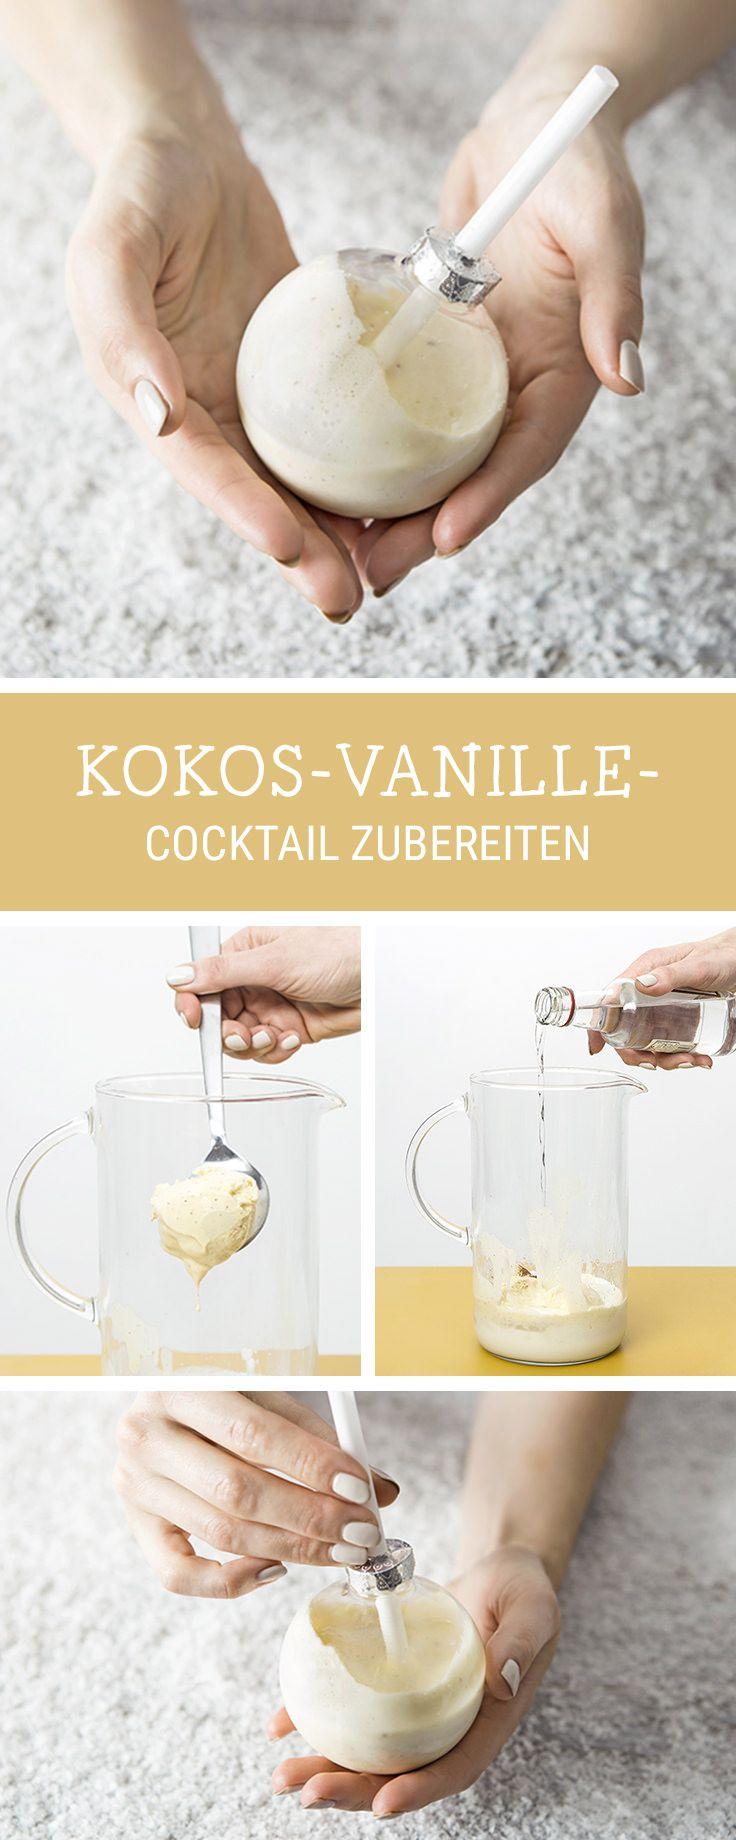 #rezept für #weihnachten : Cocktail mit Kokos und Vanille zubereiten / sweet coconut and vanilla punch for christmas via DaWanda.com